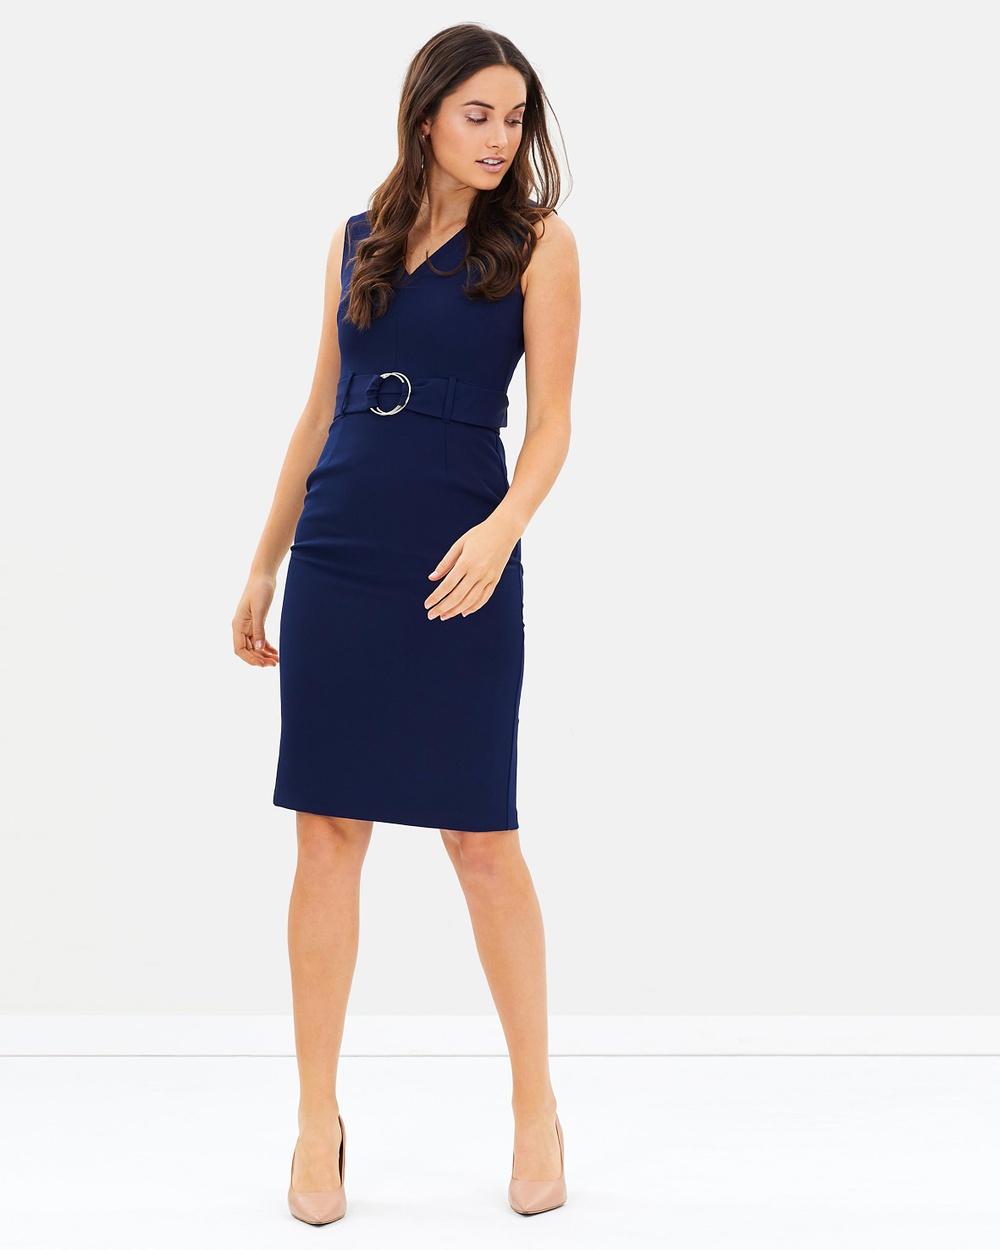 Dorothy Perkins O Ring Belted Dress Dresses Navy Blue O-Ring Belted Dress